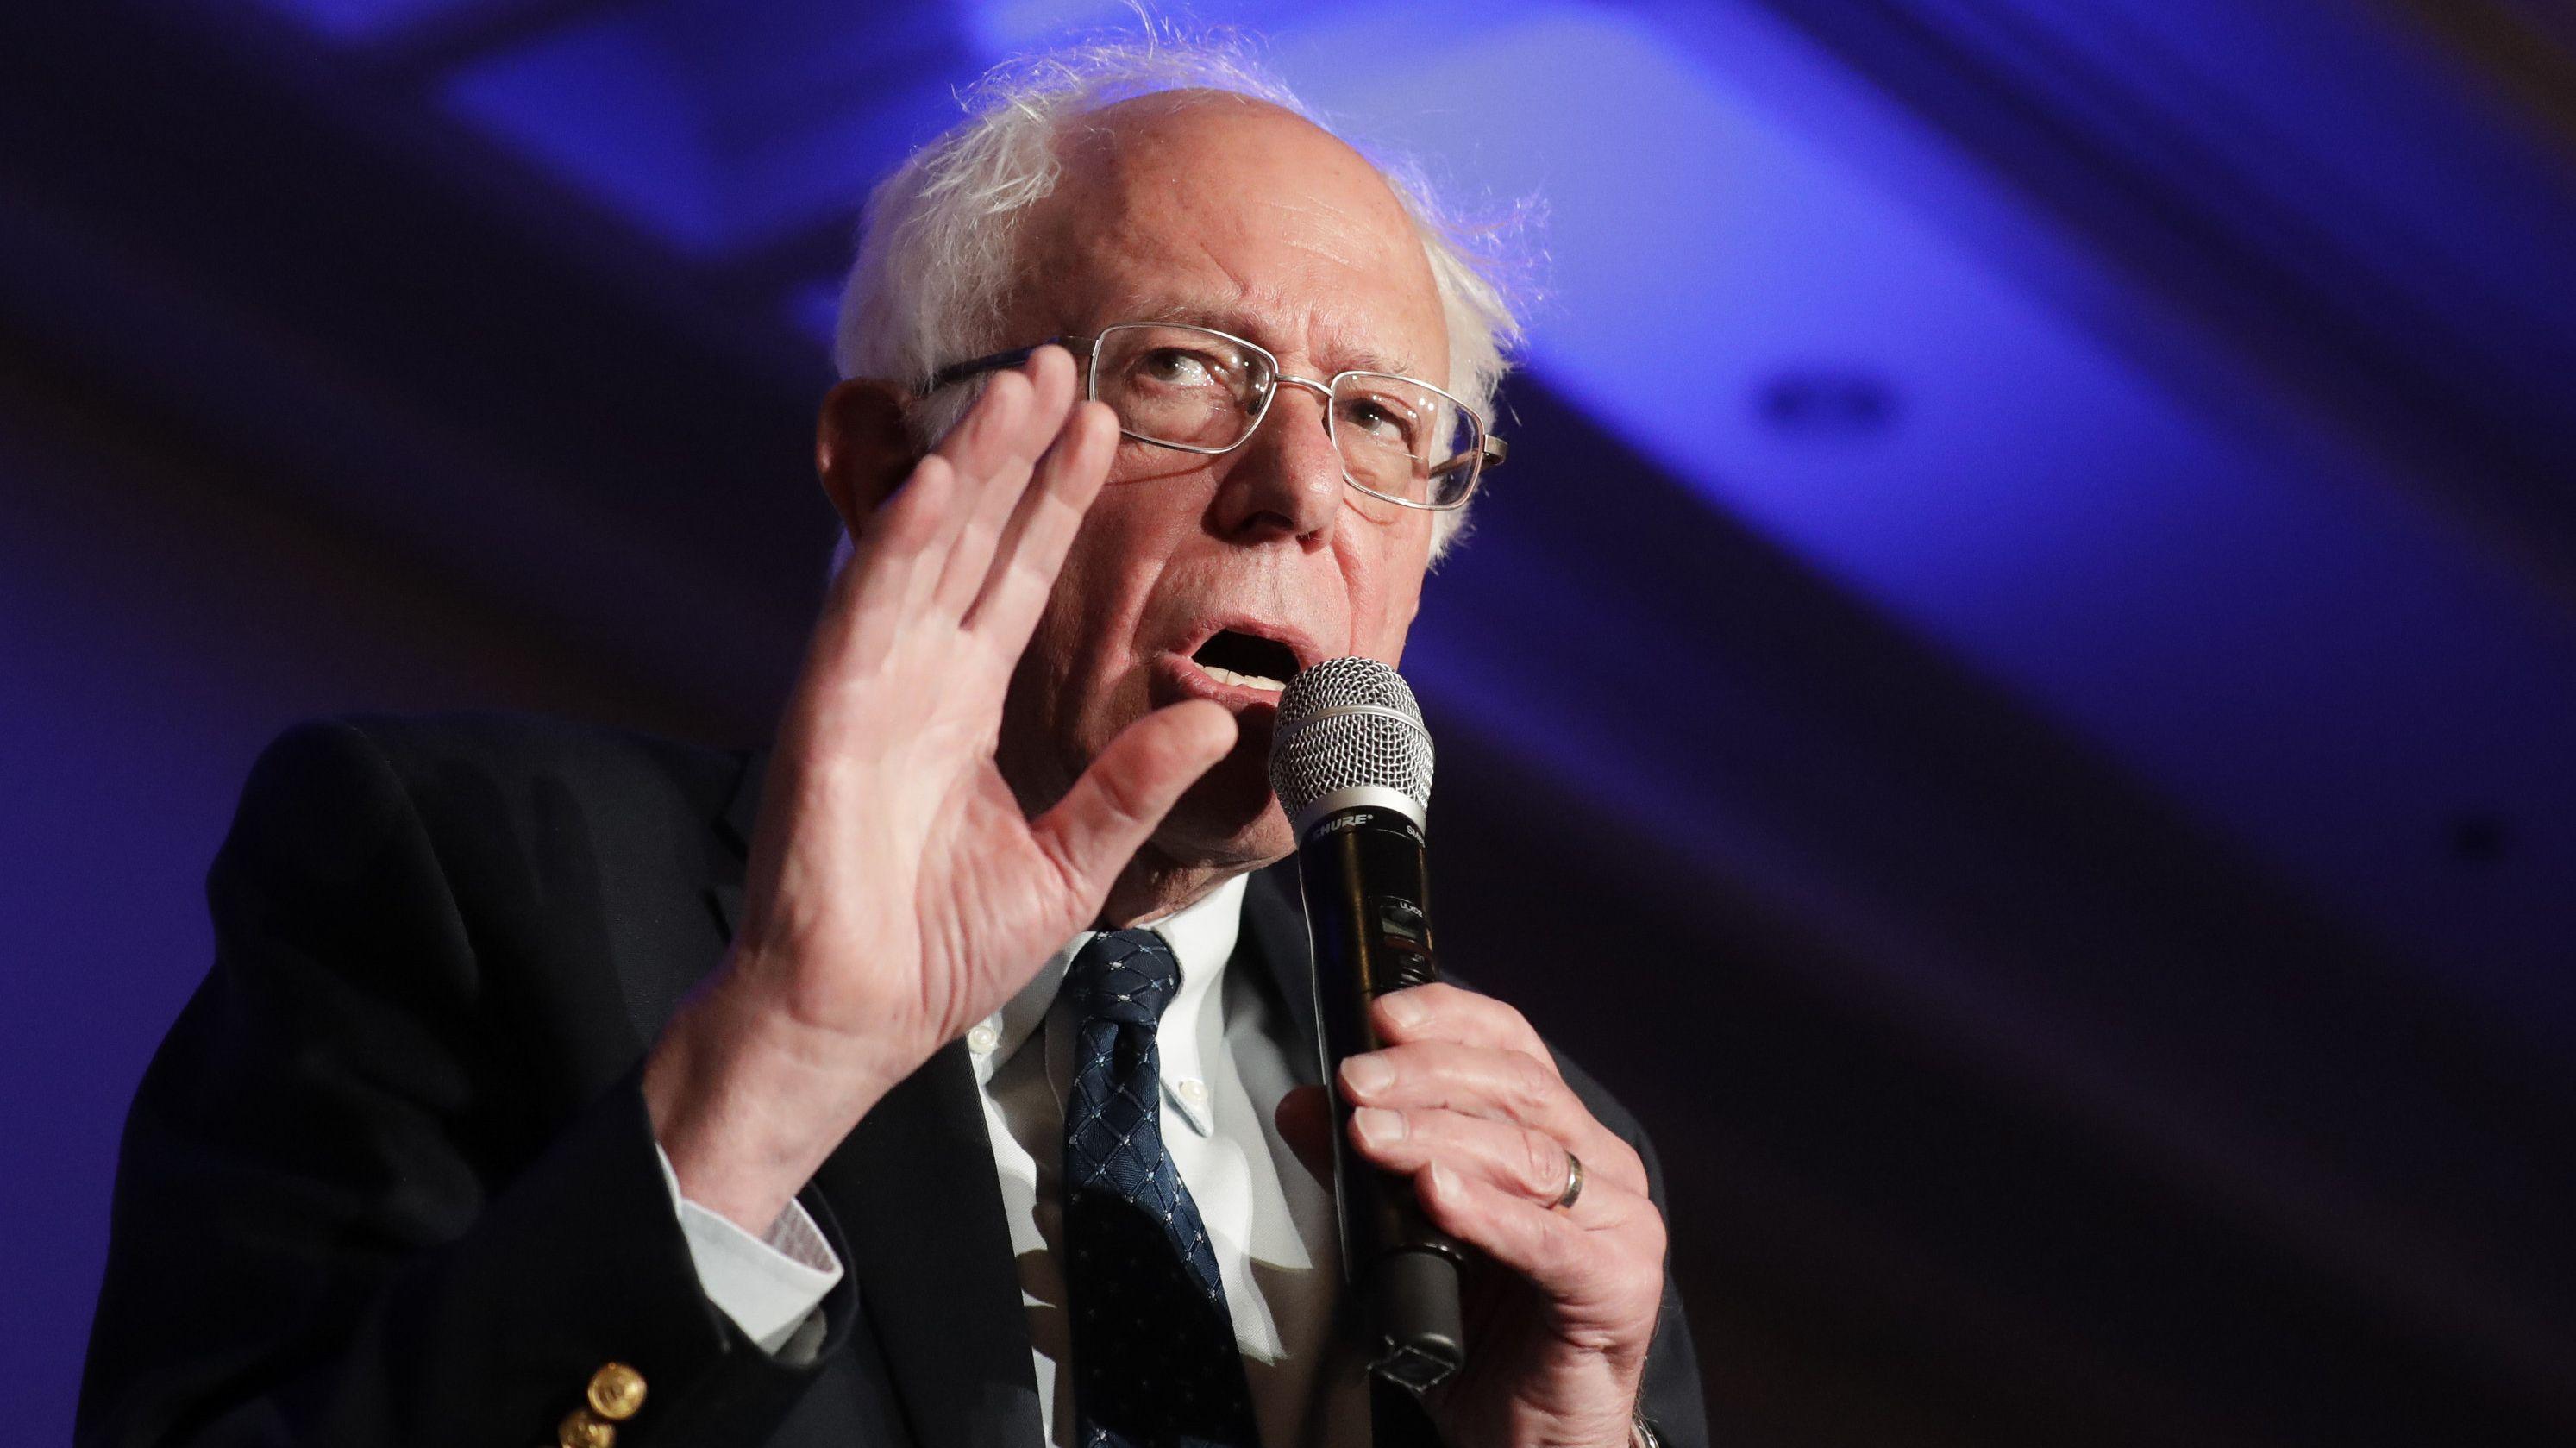 Archivbild Bernie Sanders: Der Demokrat attackierte Donald Trump nach dessen Ankündigung einer erneuten Präsidentschaftskandidatur stark